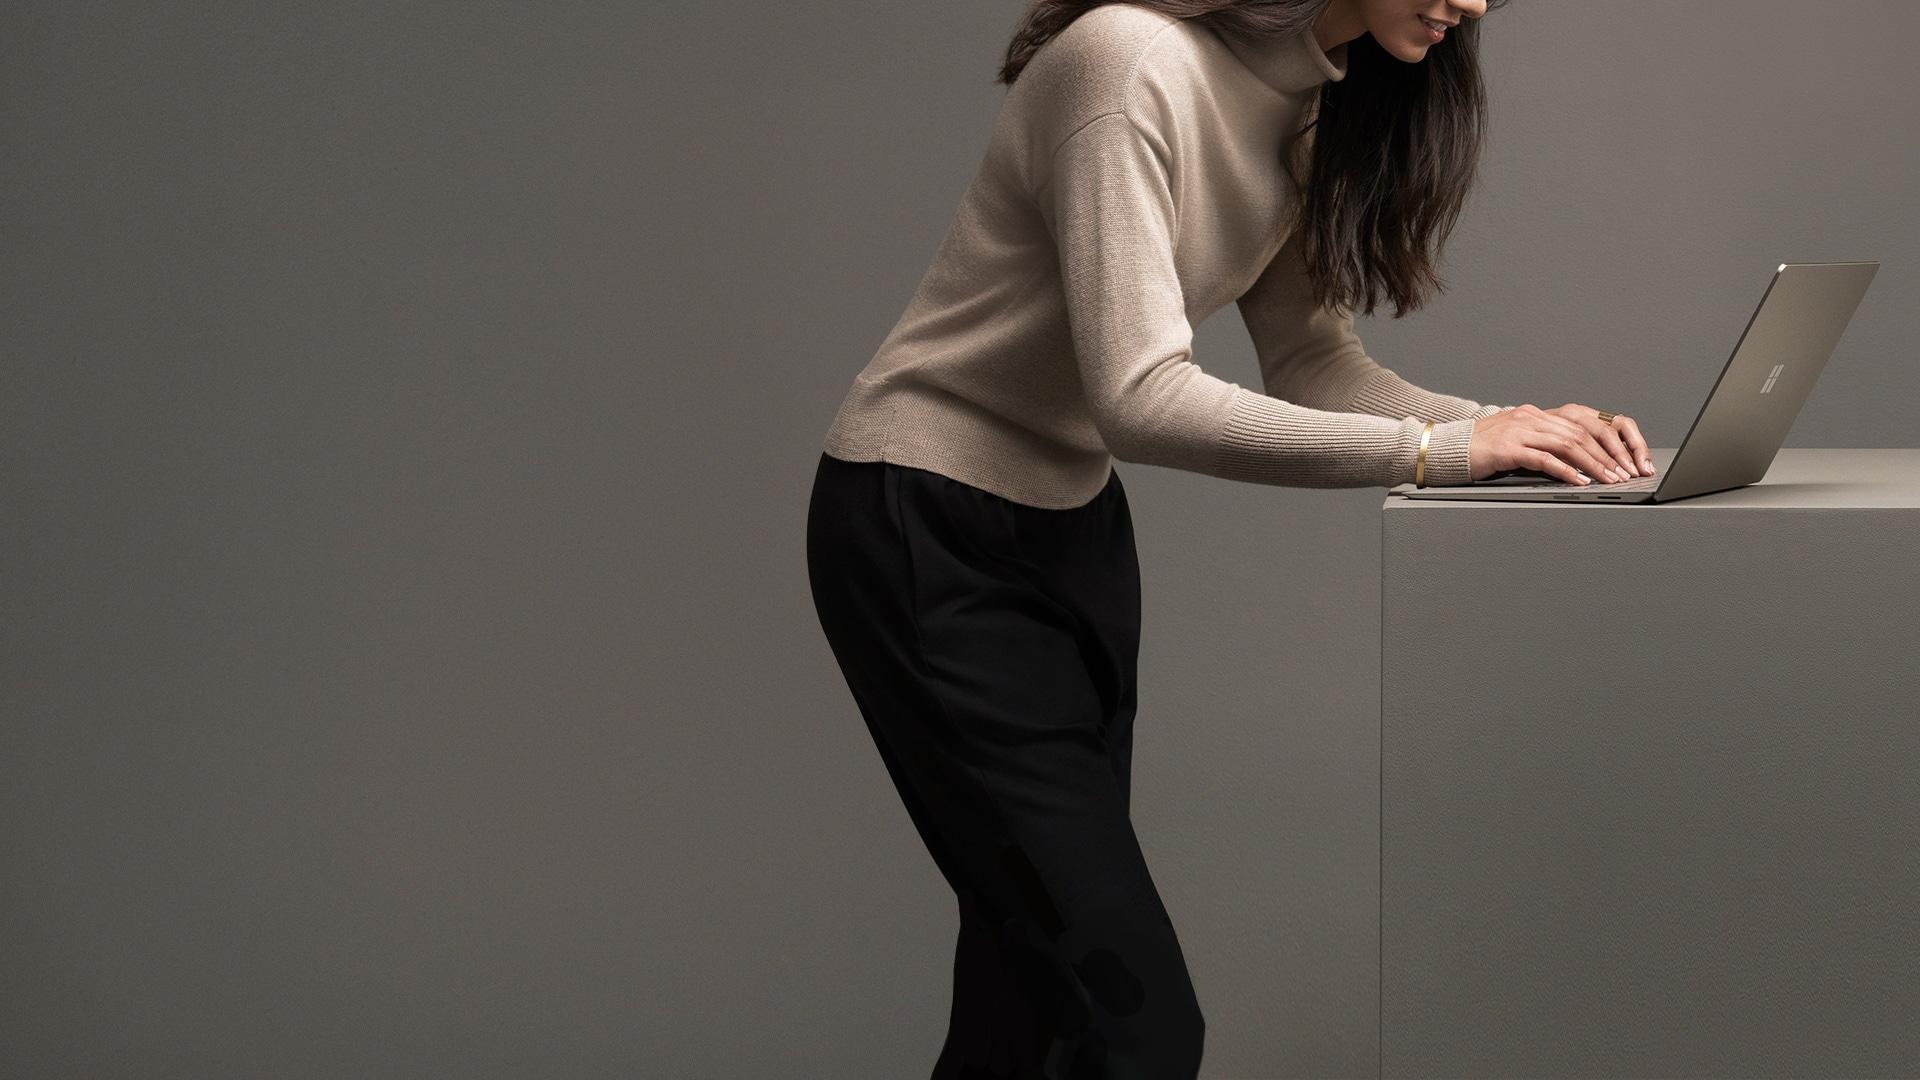 Femme tapant du texte sur le Surface Laptop or graphite.